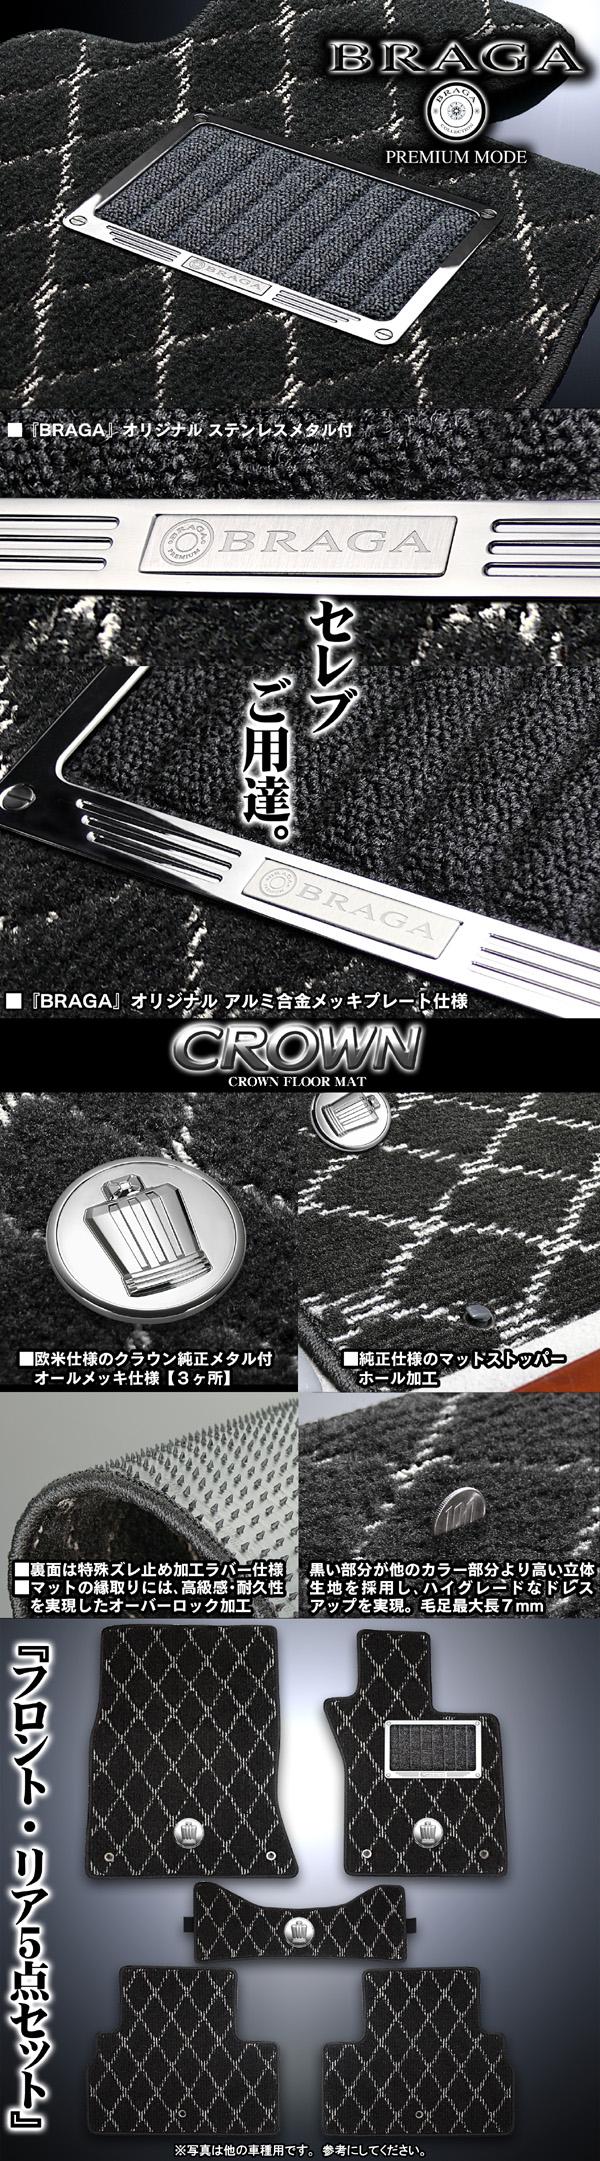 【トヨタ/クラウン/マジェスタ】シングルダイヤ[タイプ2]シルバーグレー《クラウンメタル3個+メッキプレート付》フロアマット5点セット